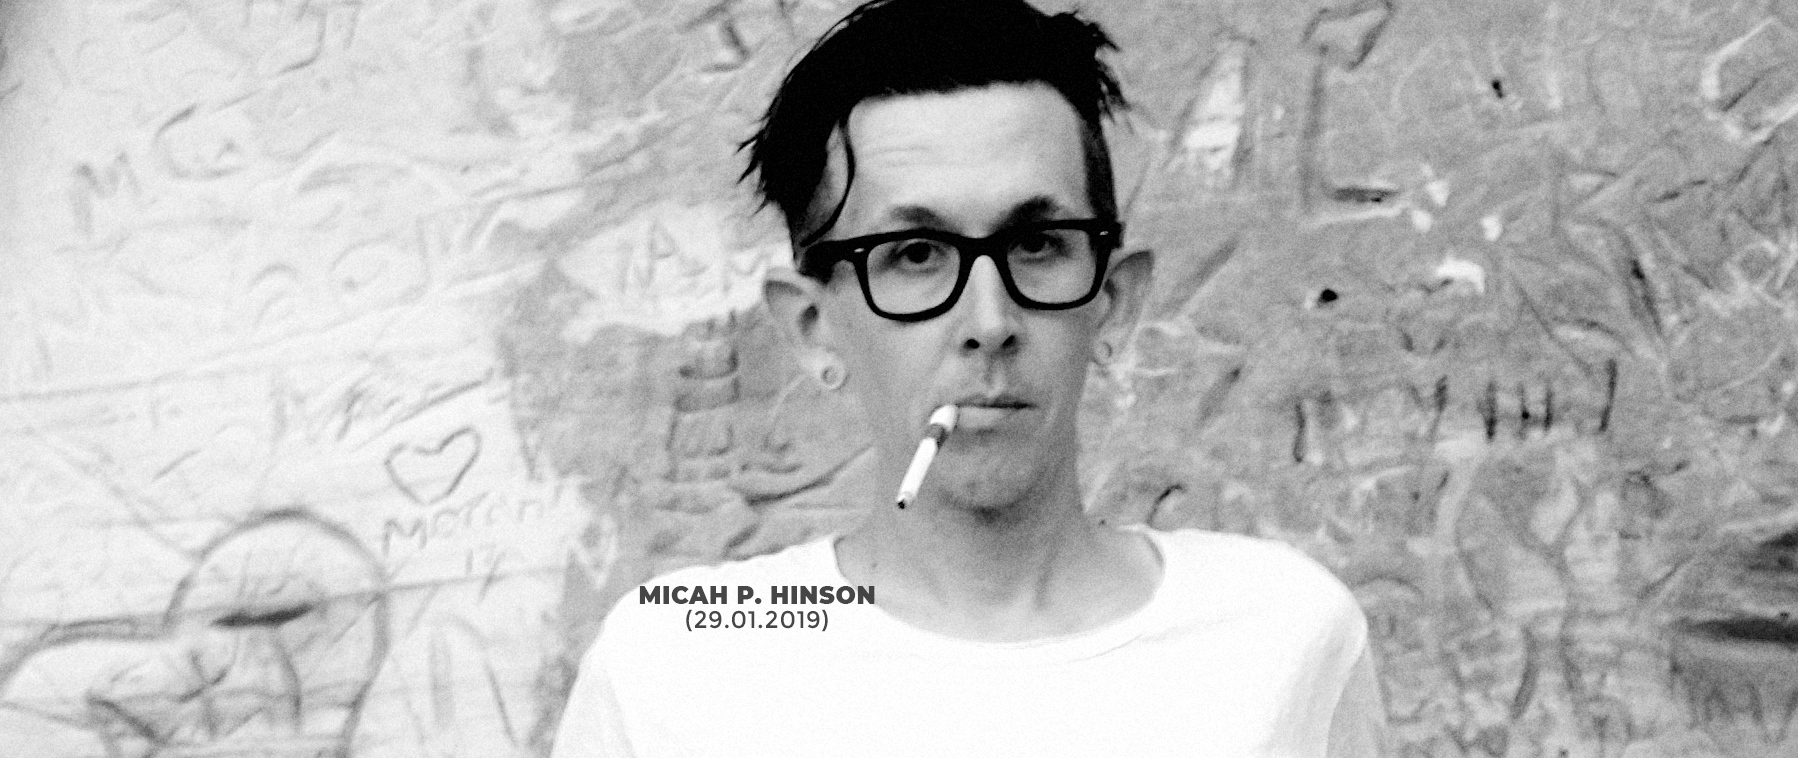 Micah P. Hinson en concierto en Sidecar, 29-01-2019